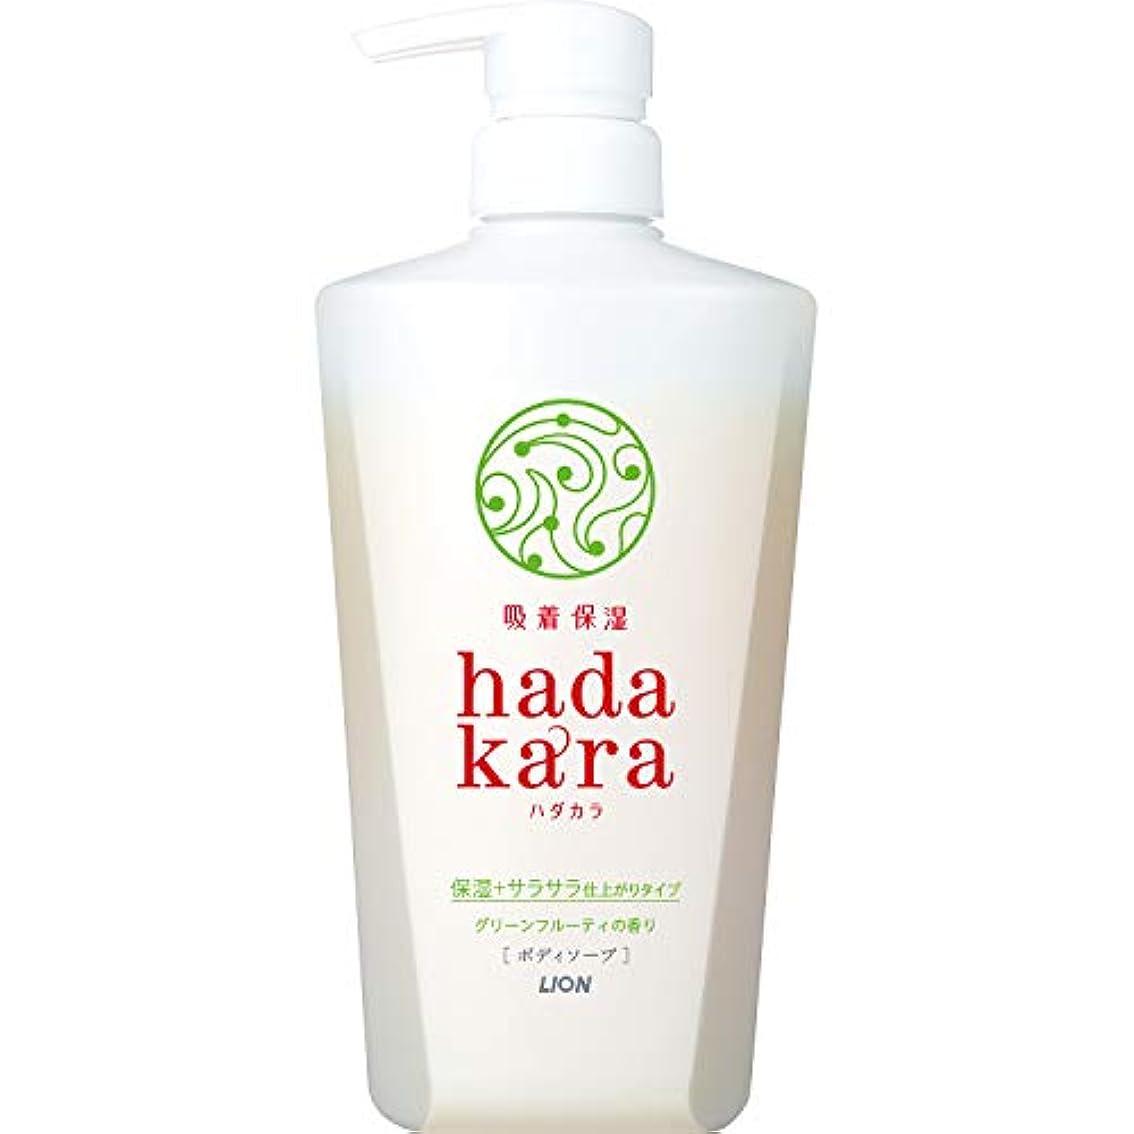 自動バンドルまもなくhadakara(ハダカラ) ボディソープ 保湿+サラサラ仕上がりタイプ グリーンフルーティの香り 本体 480ml